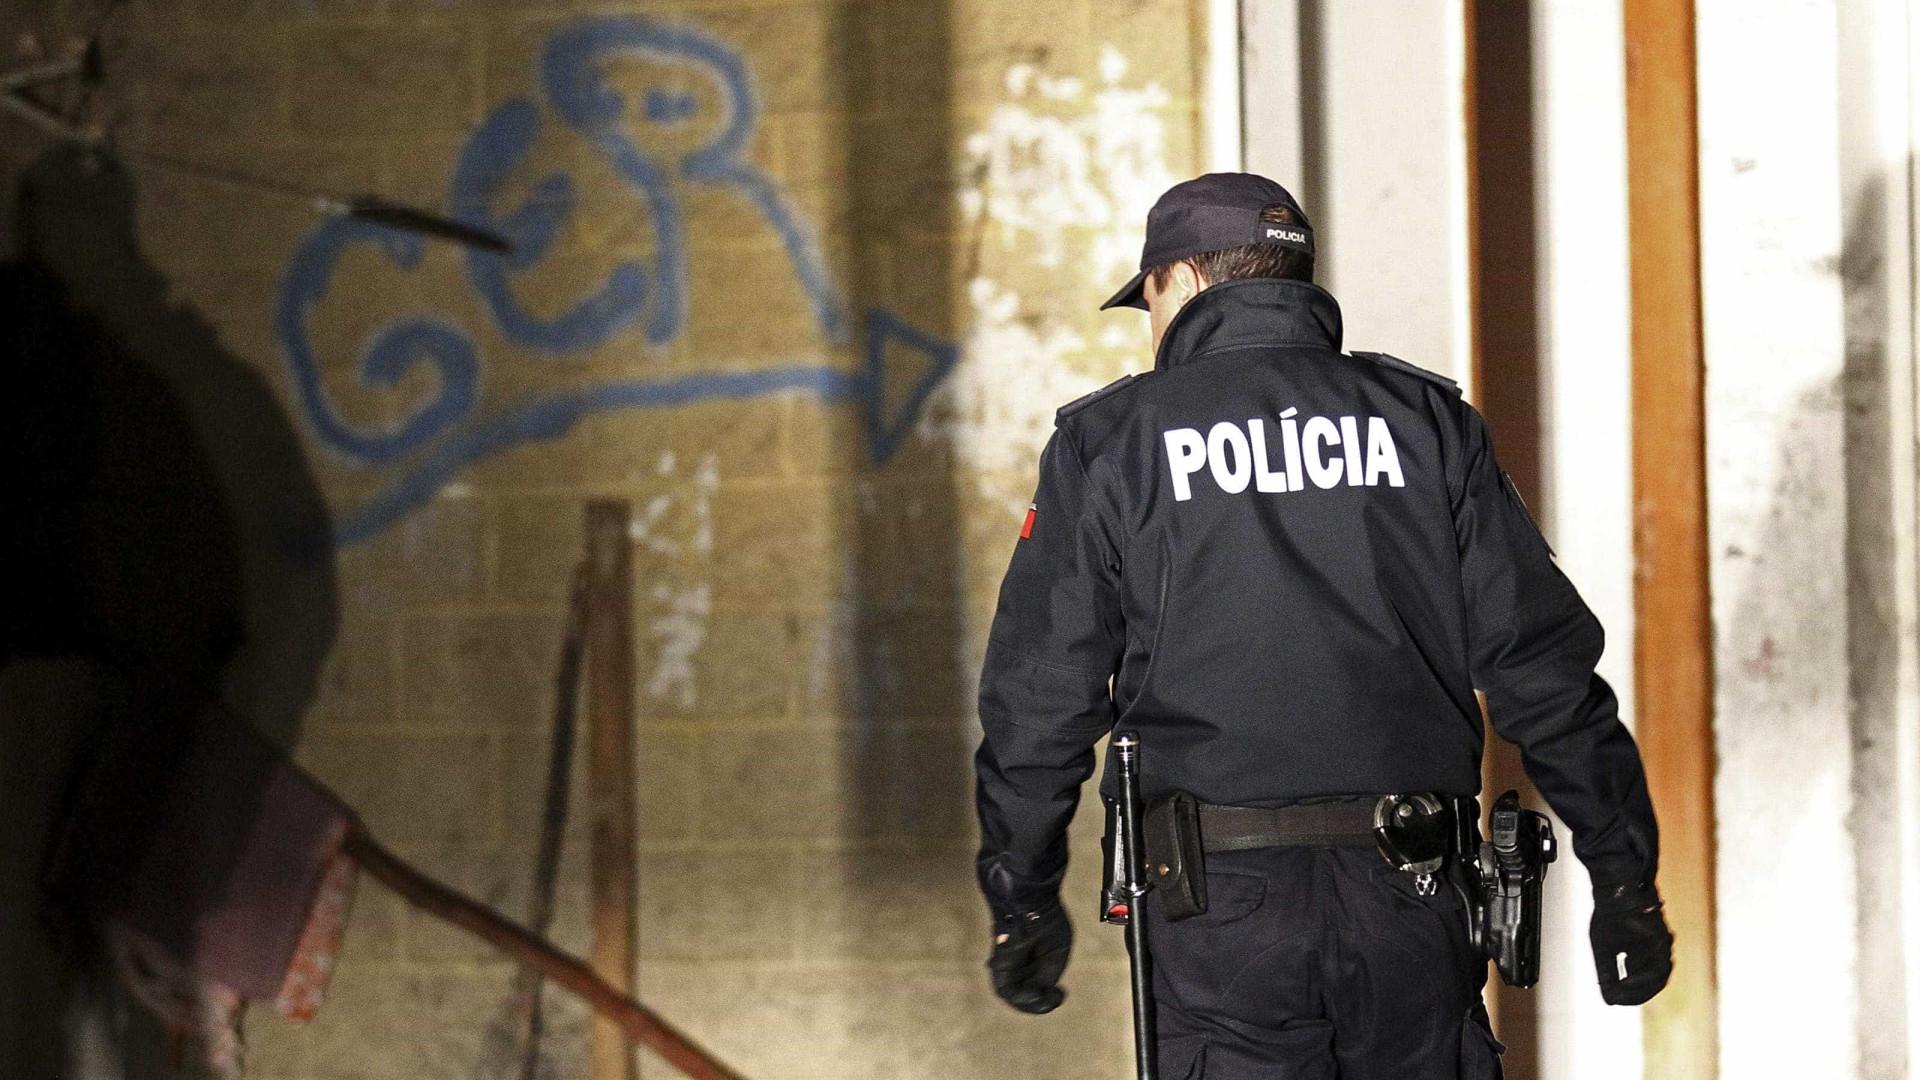 PSP de Viseu identificou jovens suspeitos de assaltarem estudantes